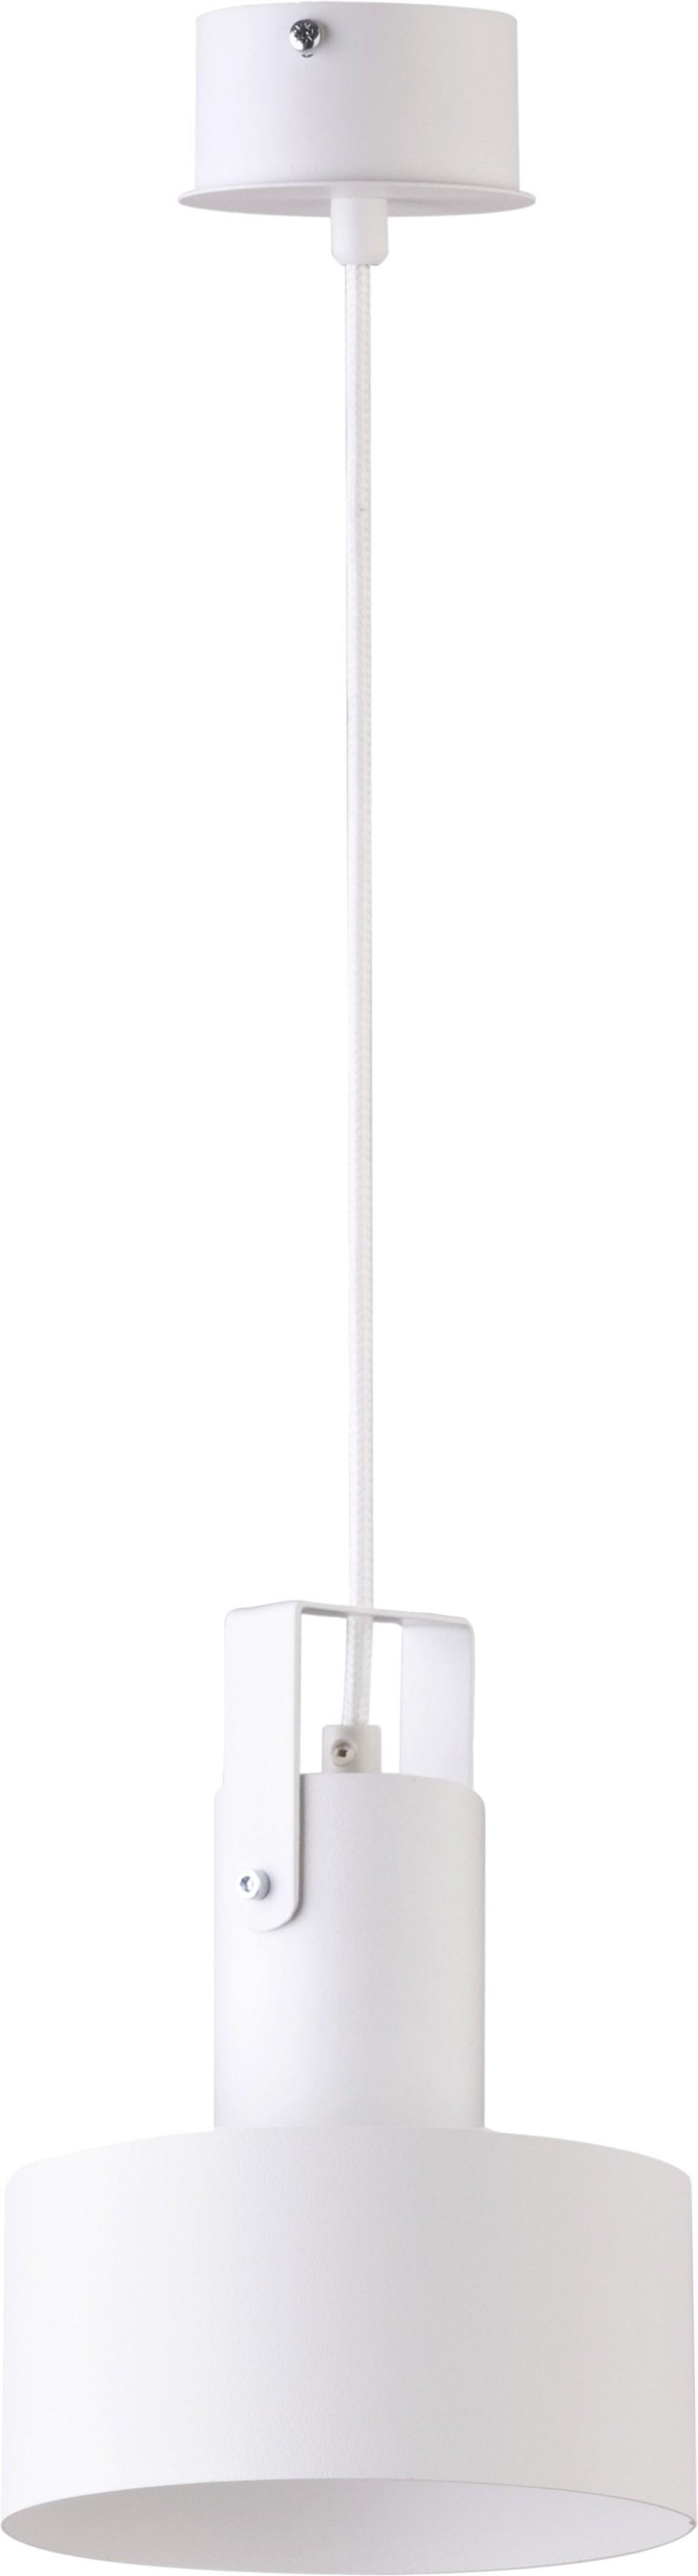 Lampa wisząca Rif plus 1 S biała 31198 - Sigma // Rabaty w koszyku i darmowa dostawa od 299zł !